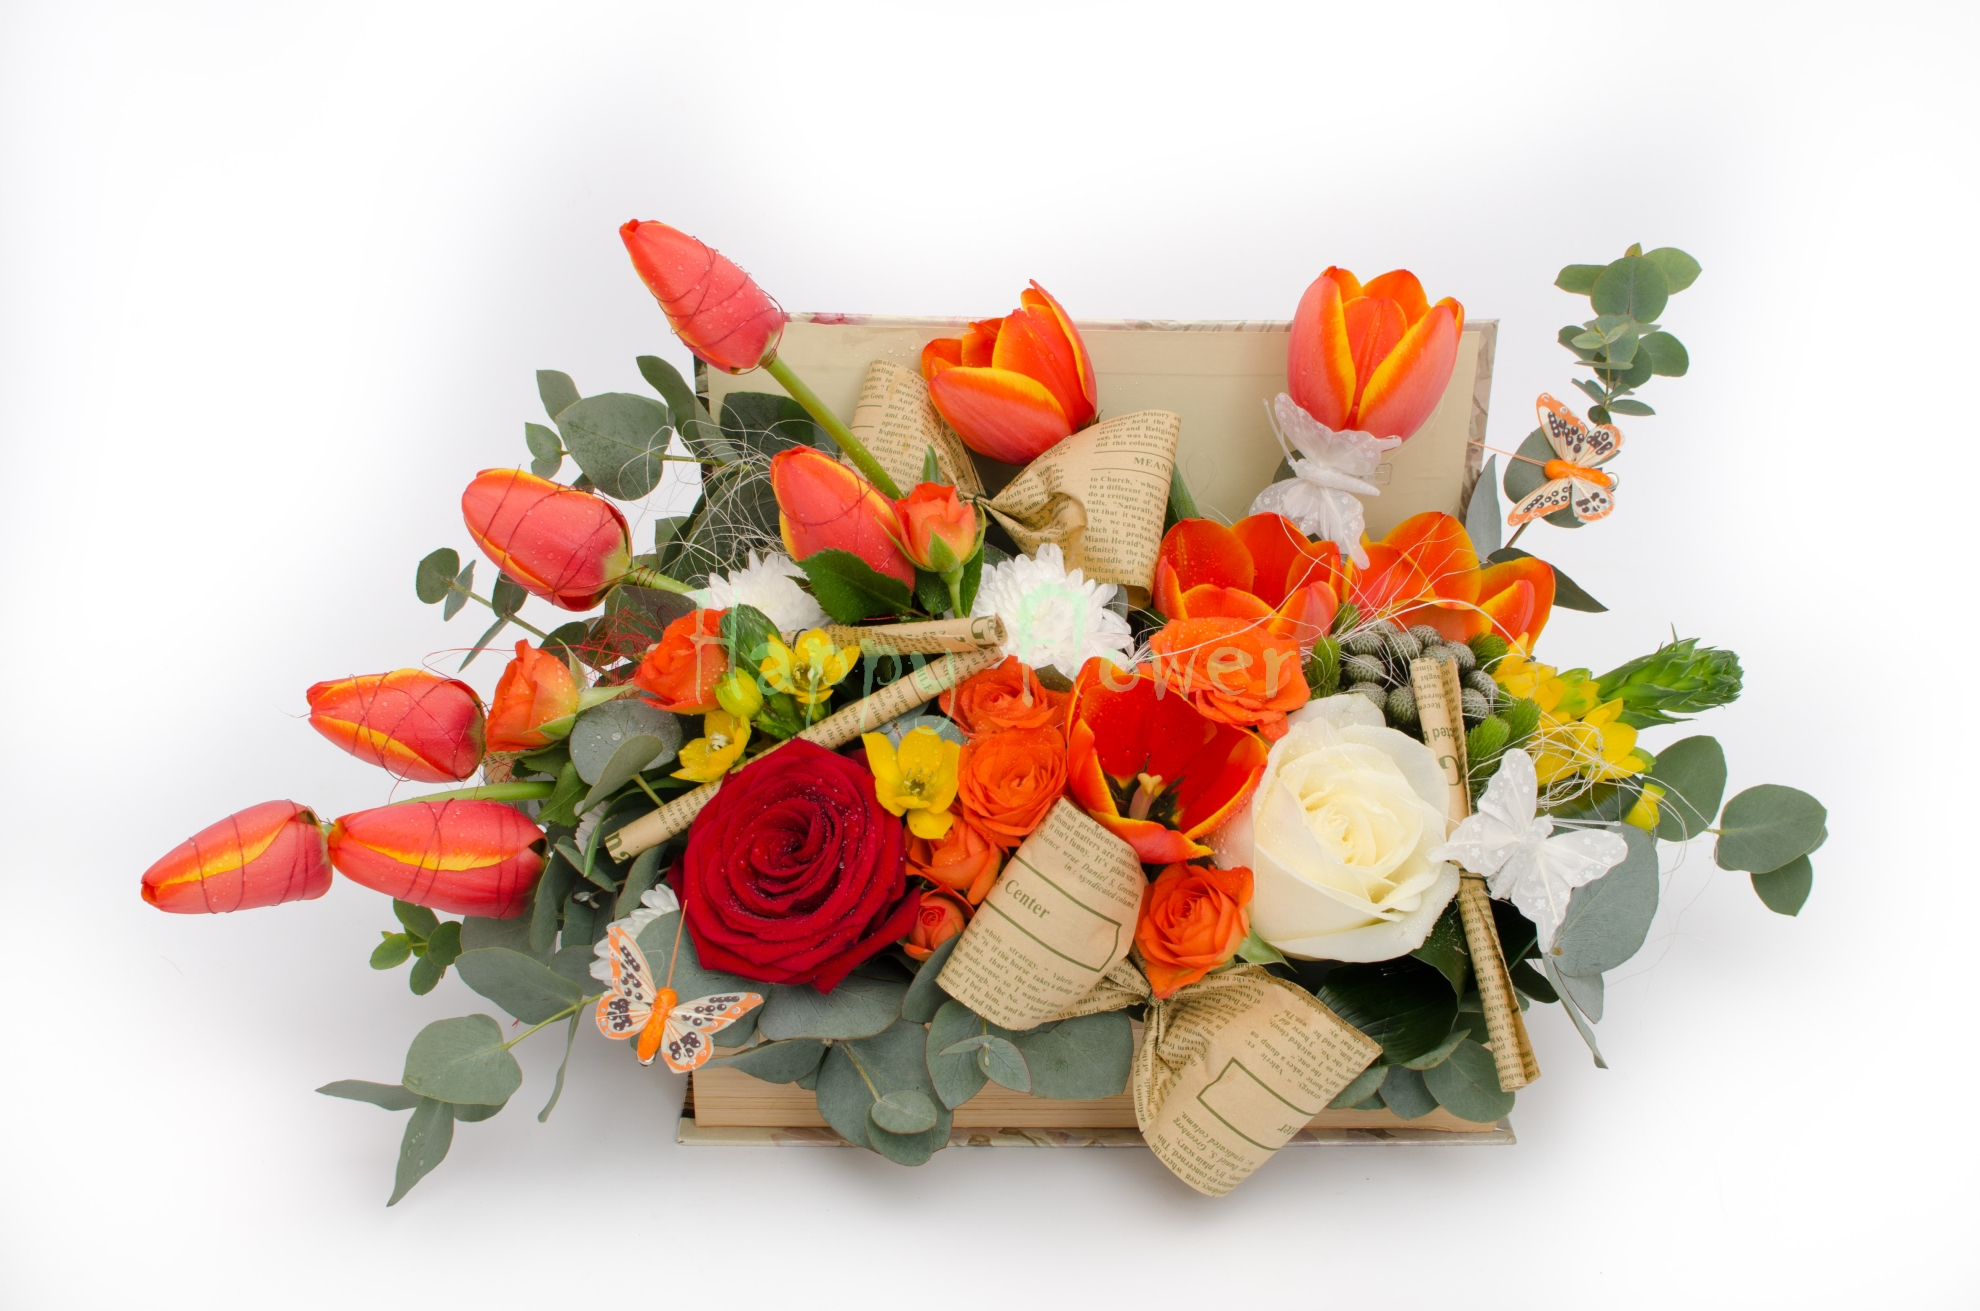 Aranjament Floral In Carte Cu Lalele Portocalii Si Trandafiri